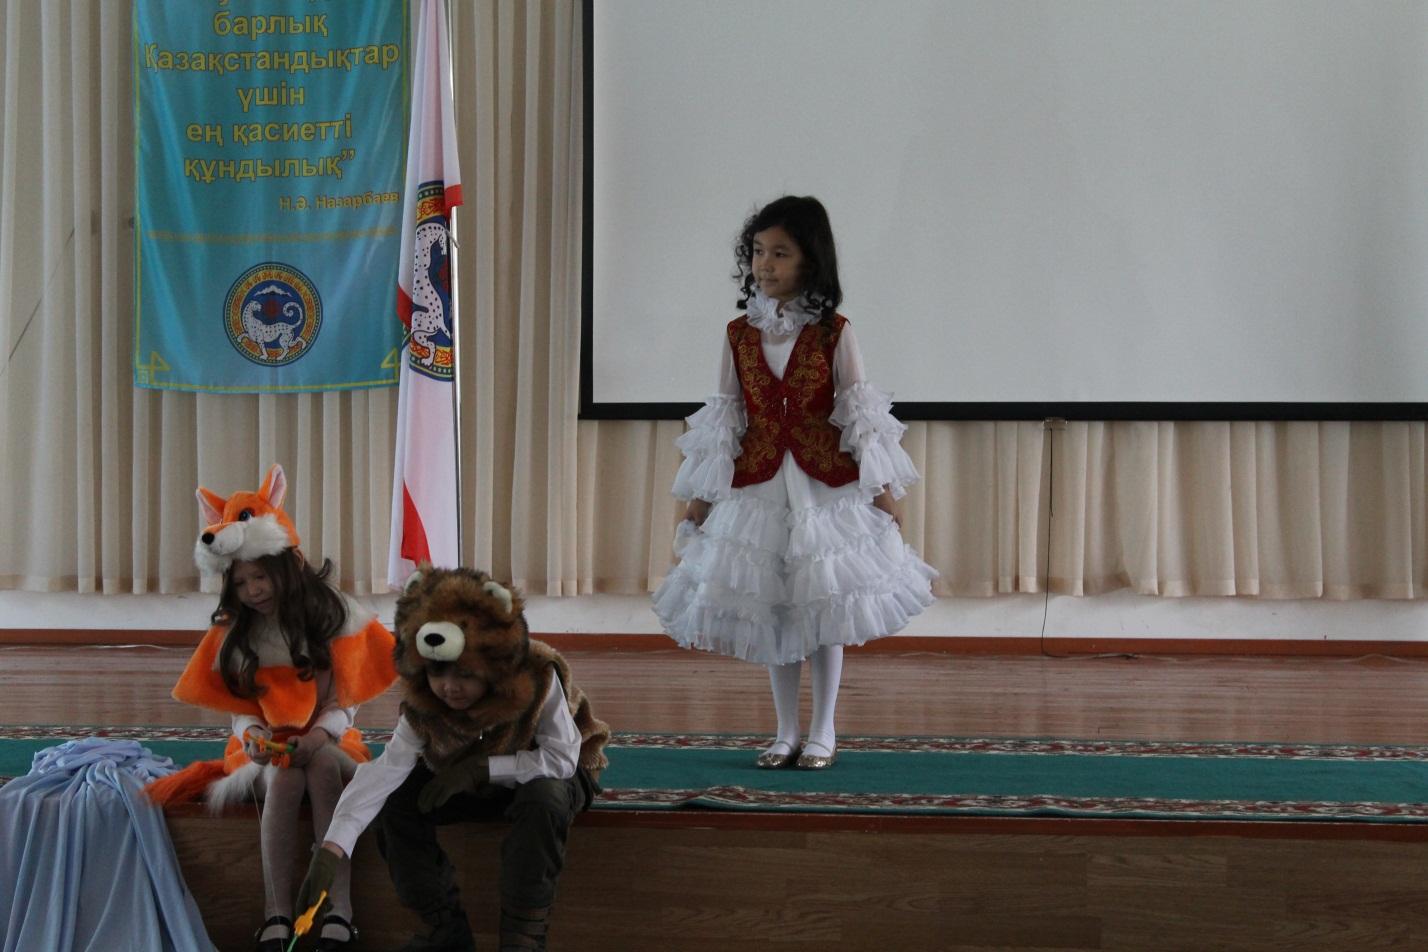 C:\Users\Olga\Desktop\Фото казахской сказки\IMG_0955.JPG